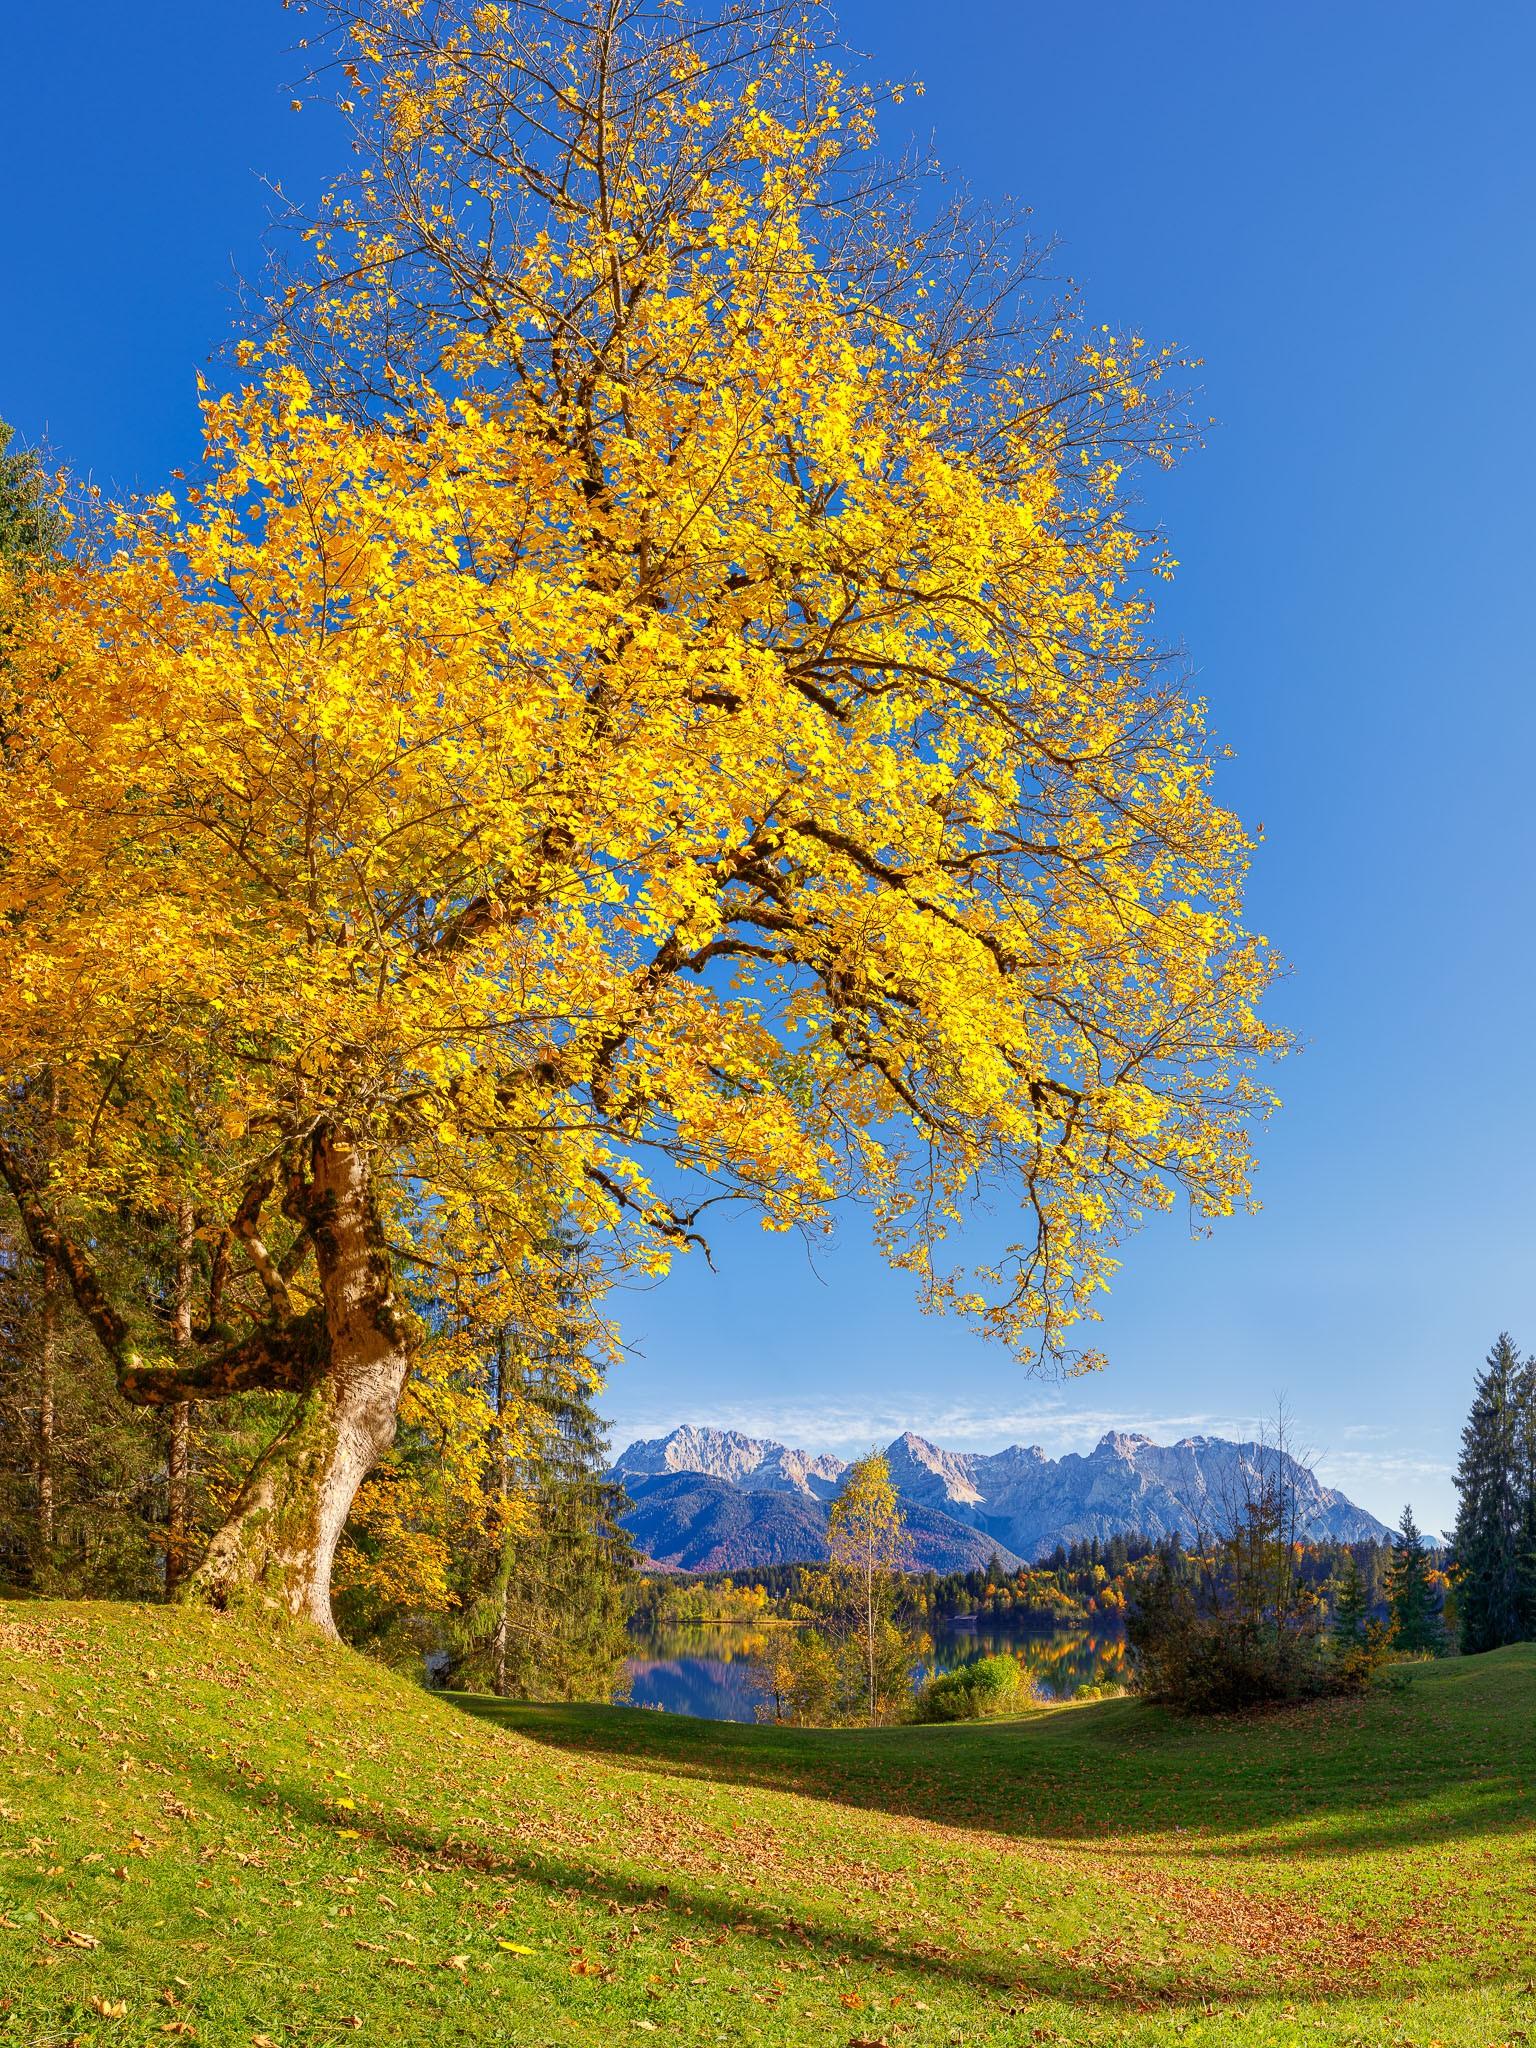 Herbst in der Alpenwelt Karwendel - Barmsee